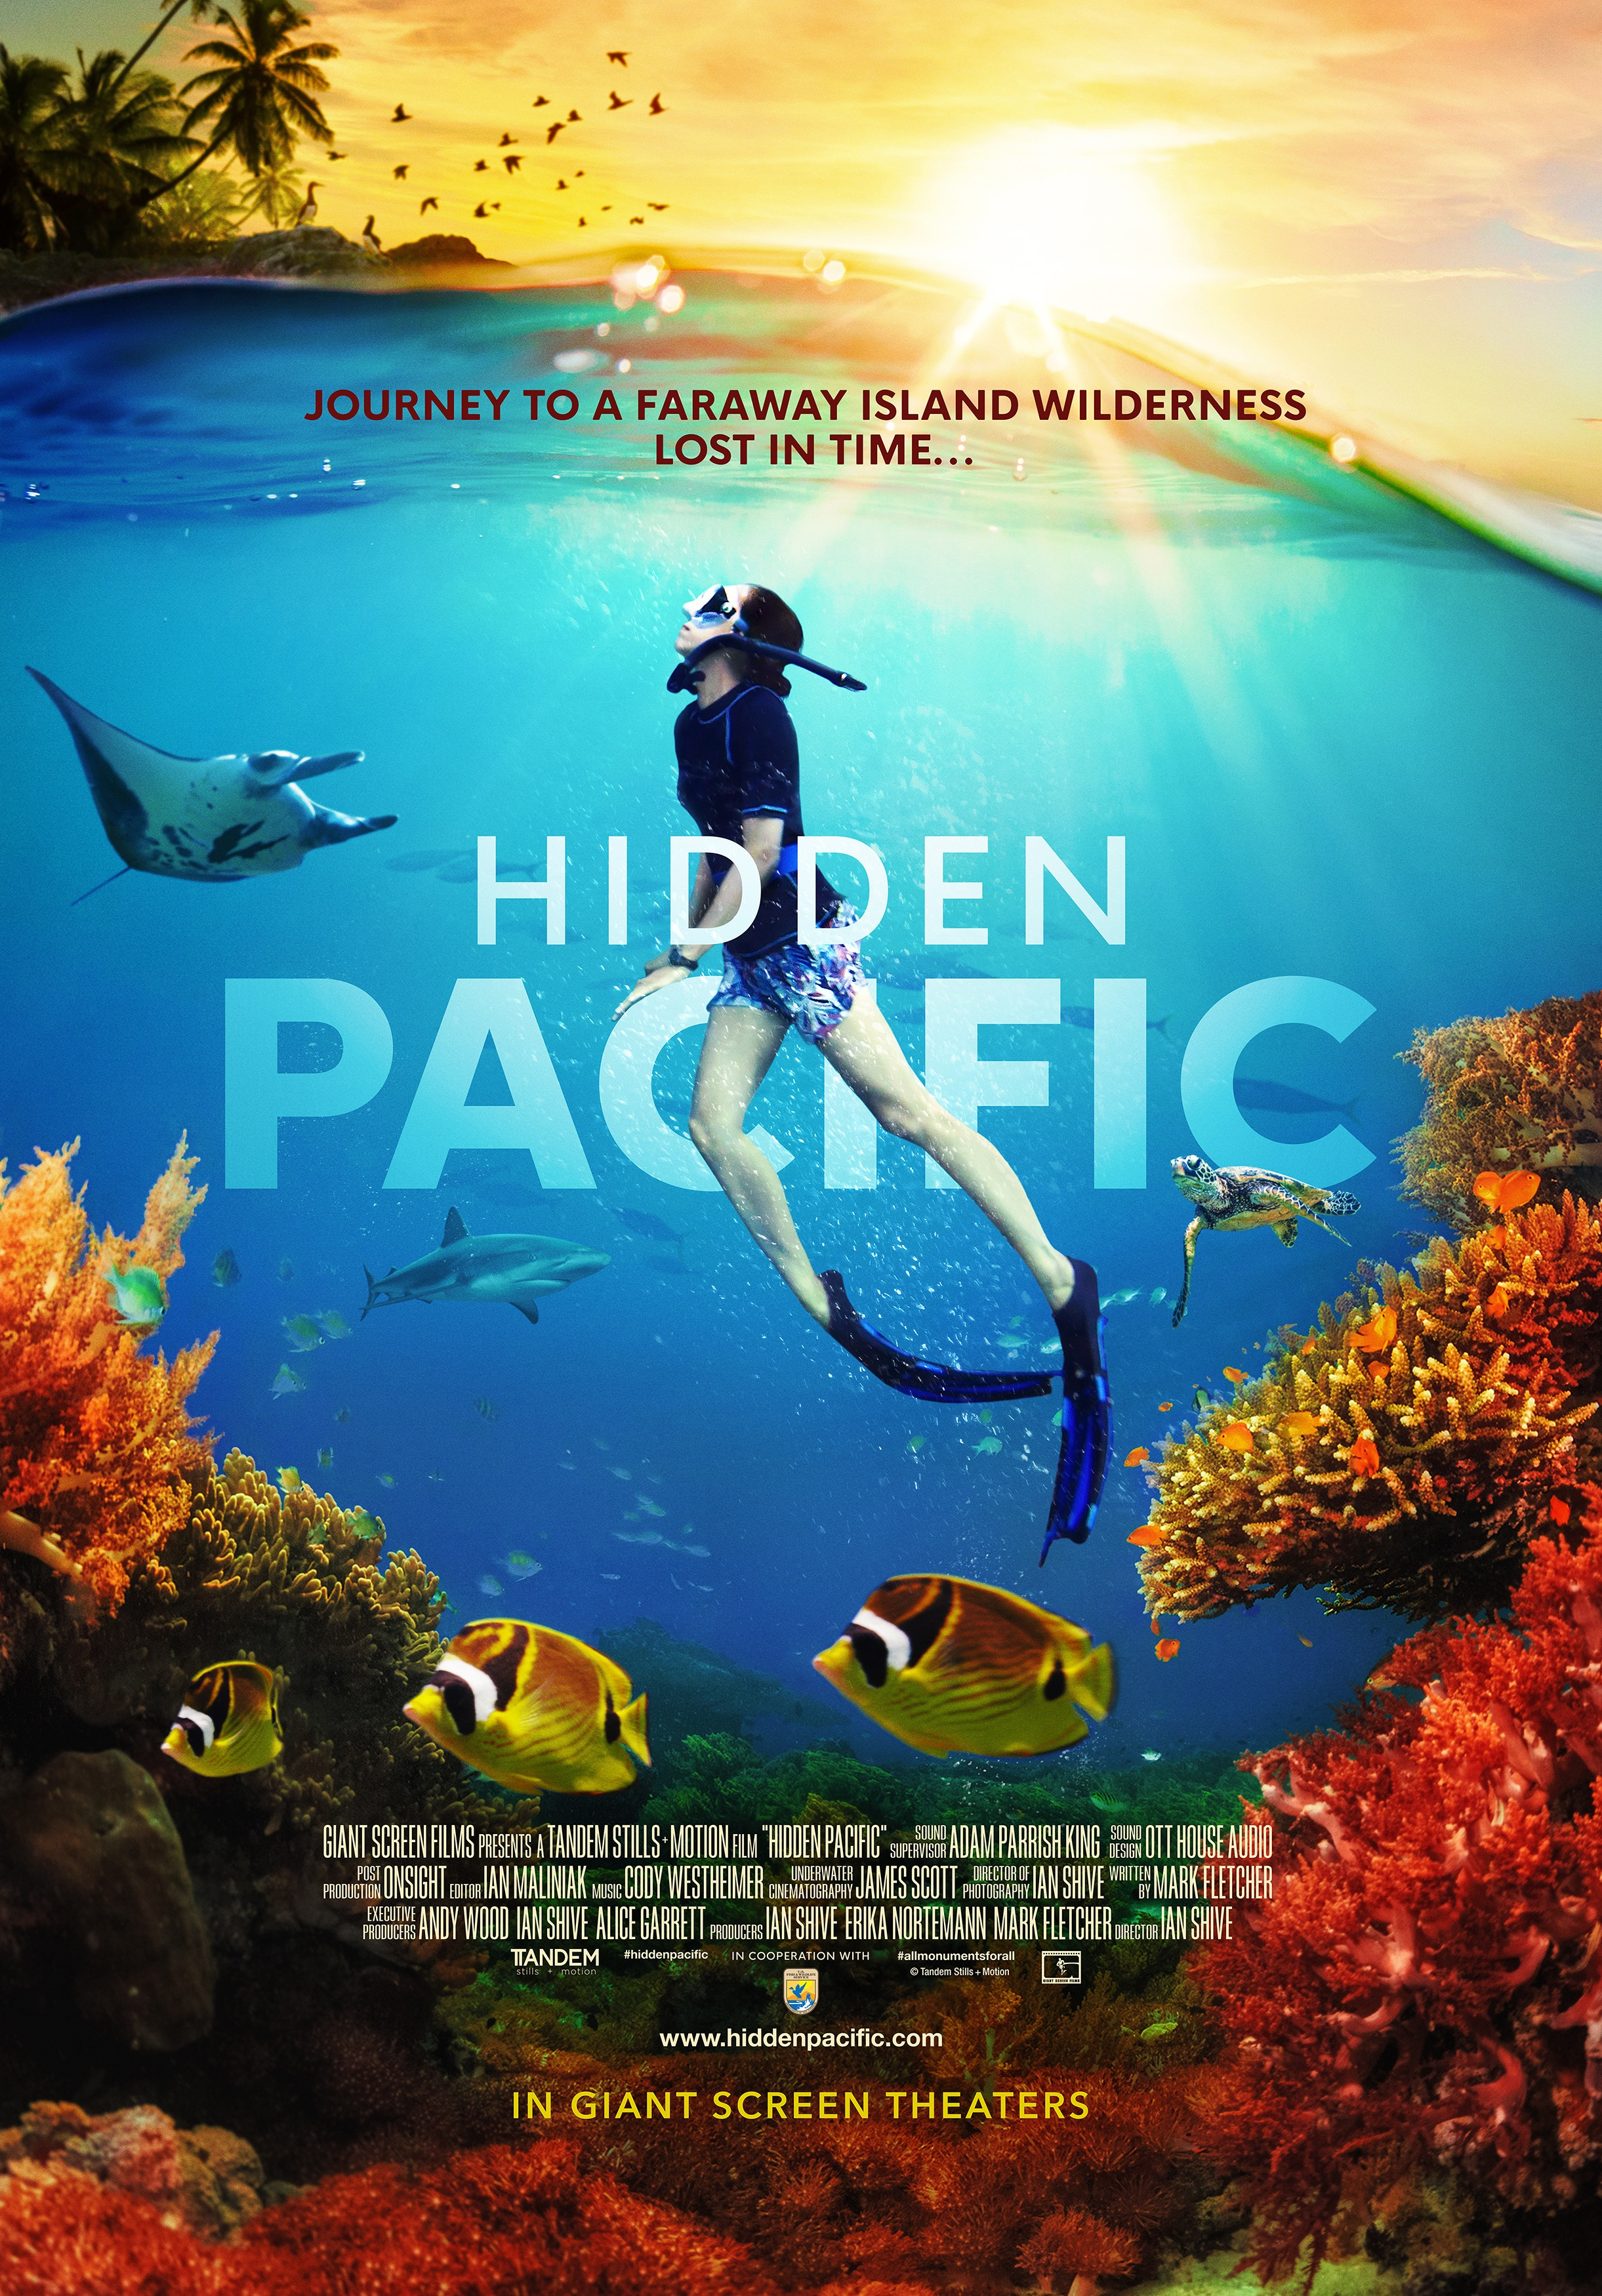 Hidden Pacific poster_low res.jpg